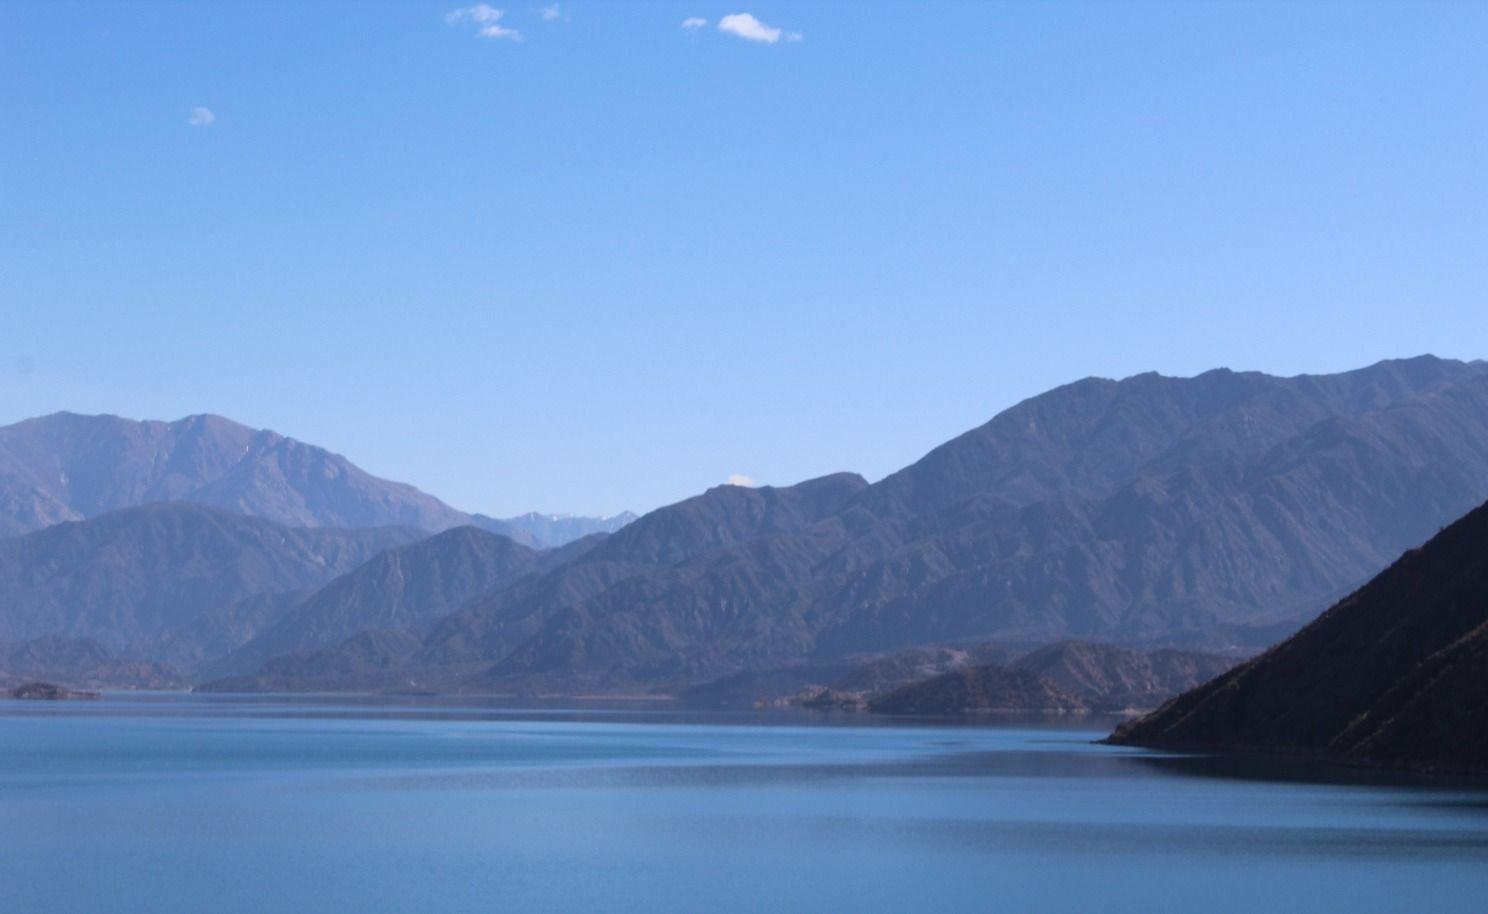 Temperaturas en ascenso y buen tiempo en Mendoza